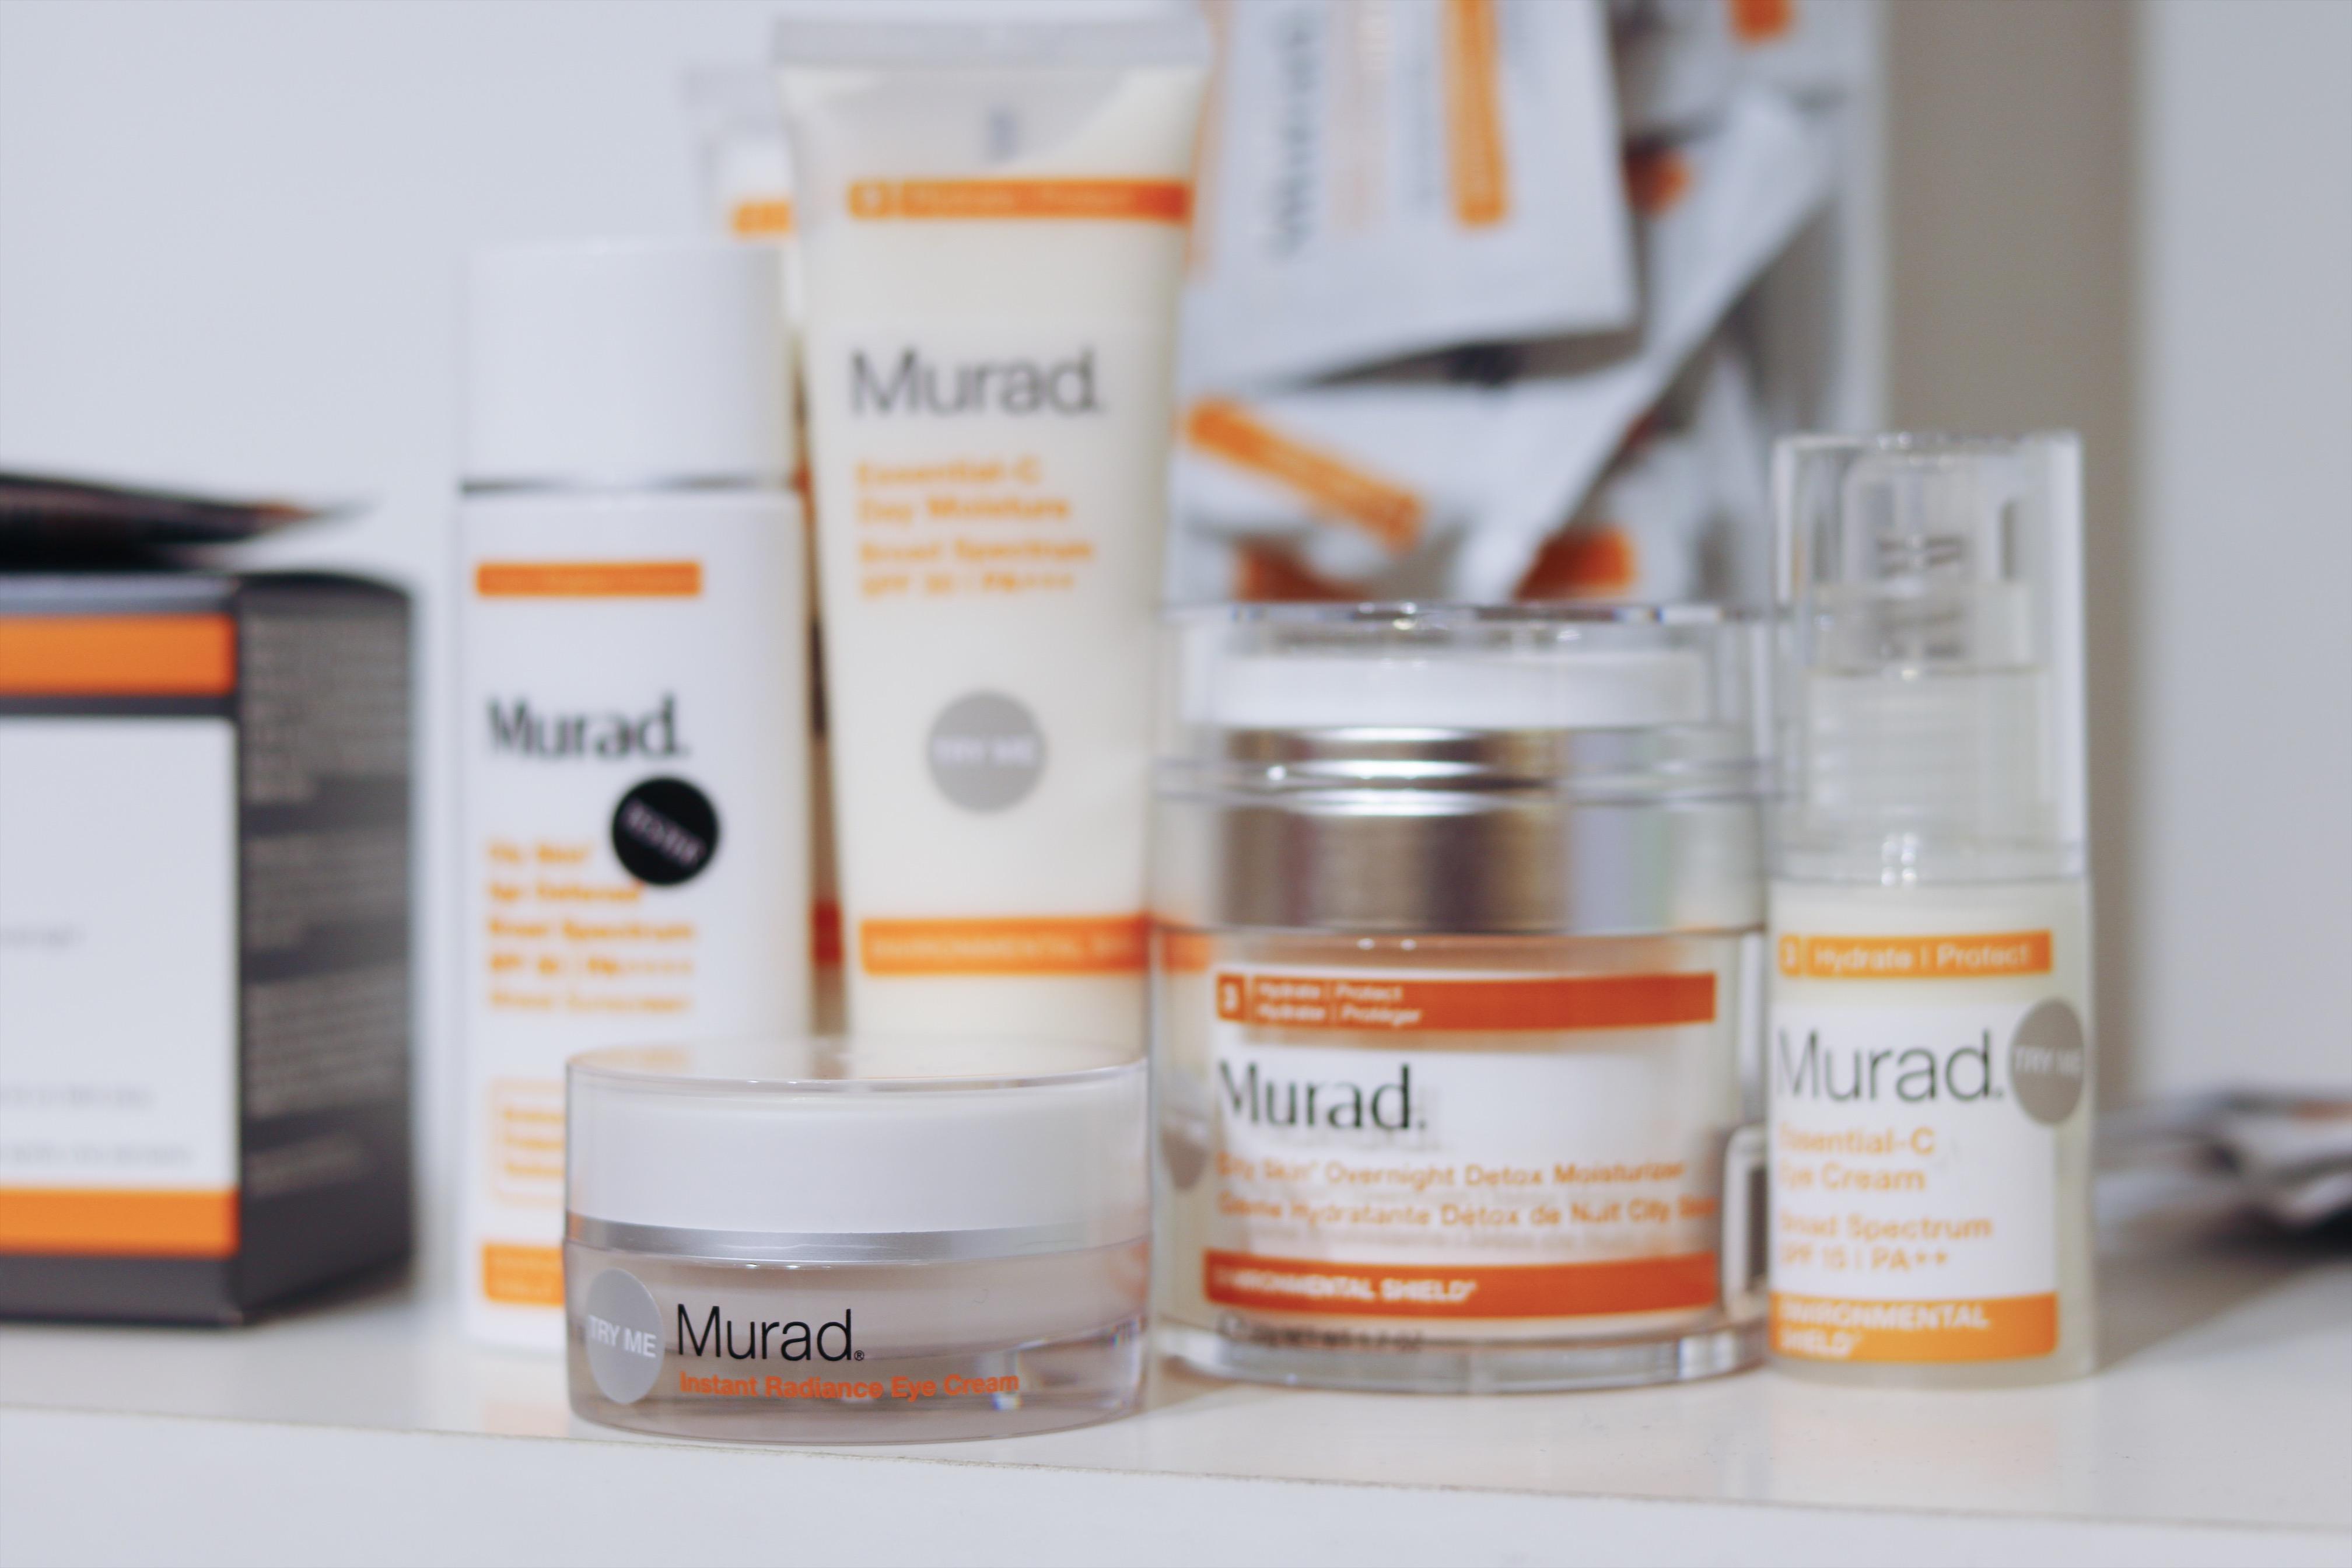 Hud och Kosmetikmässan del 2 Murad, Skincare, hudvård, Murad hudvård, C vitamin, serum, dagkräm, ögonkräm murad, hydro-glow aqua peel, nyheter, amandahans, skönhetsblogg